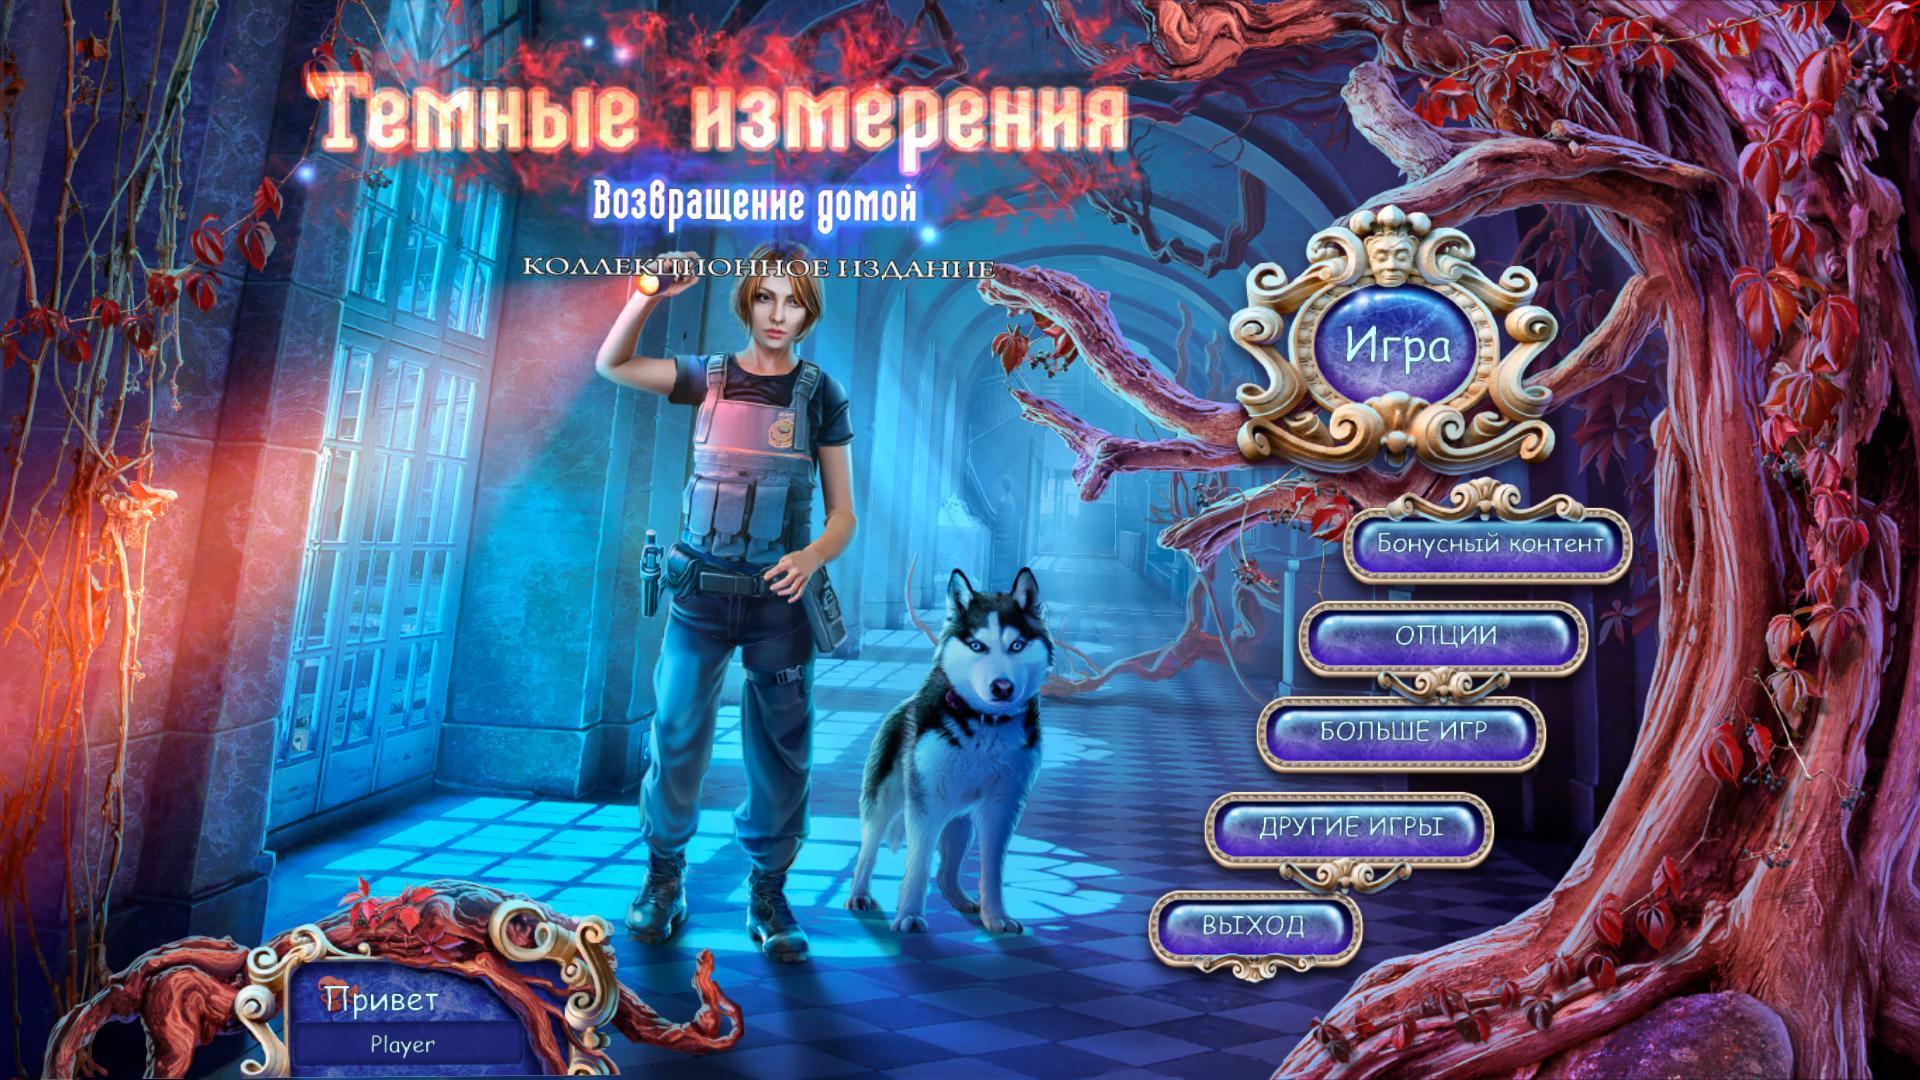 Темные измерения 5: Возвращение домой. Коллекционное издание | Dark Dimensions 5: Homecoming CE (Rus)